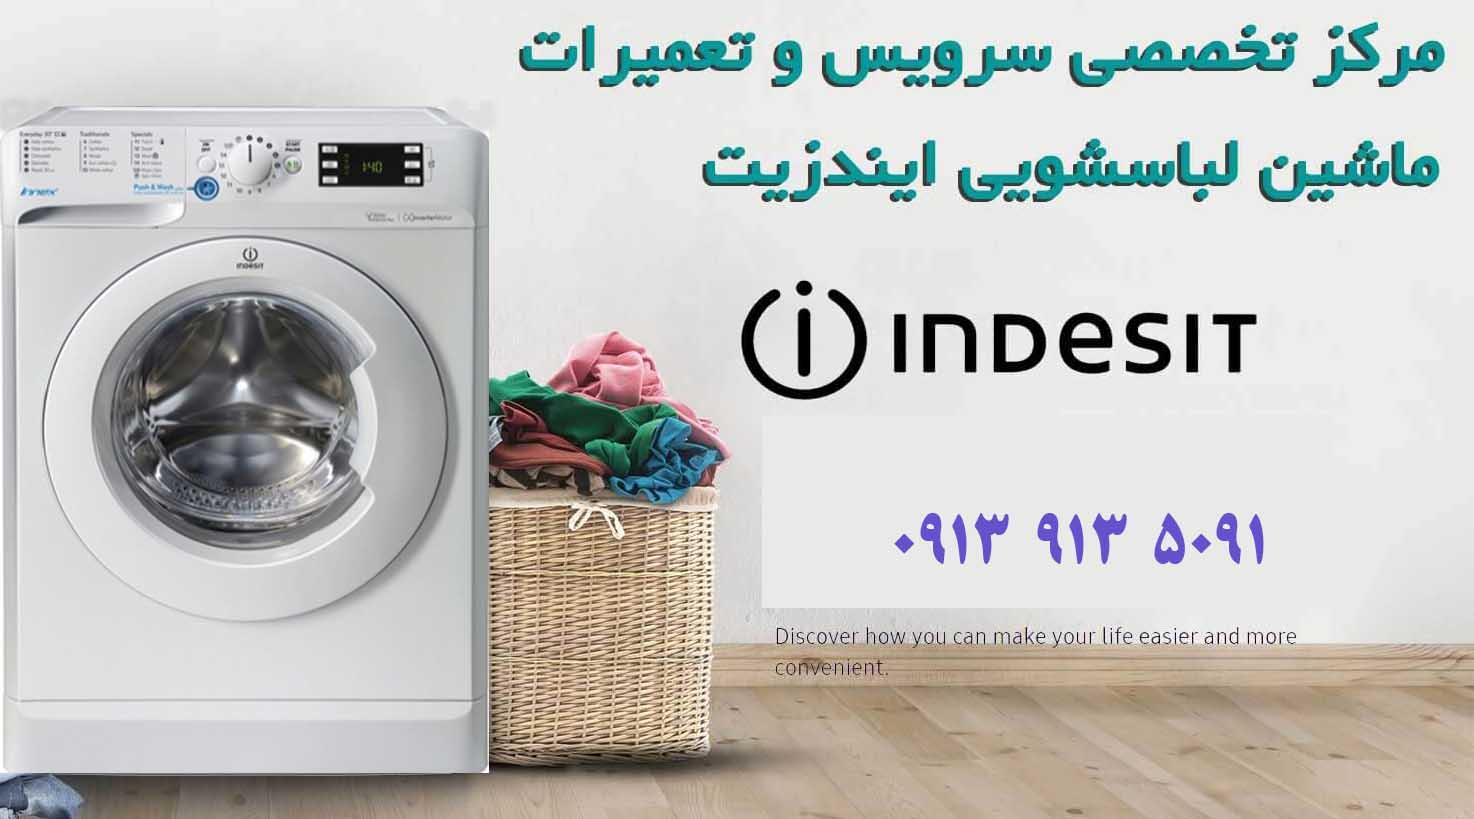 تعمیر لباسشویی ایندزیت اصفهان